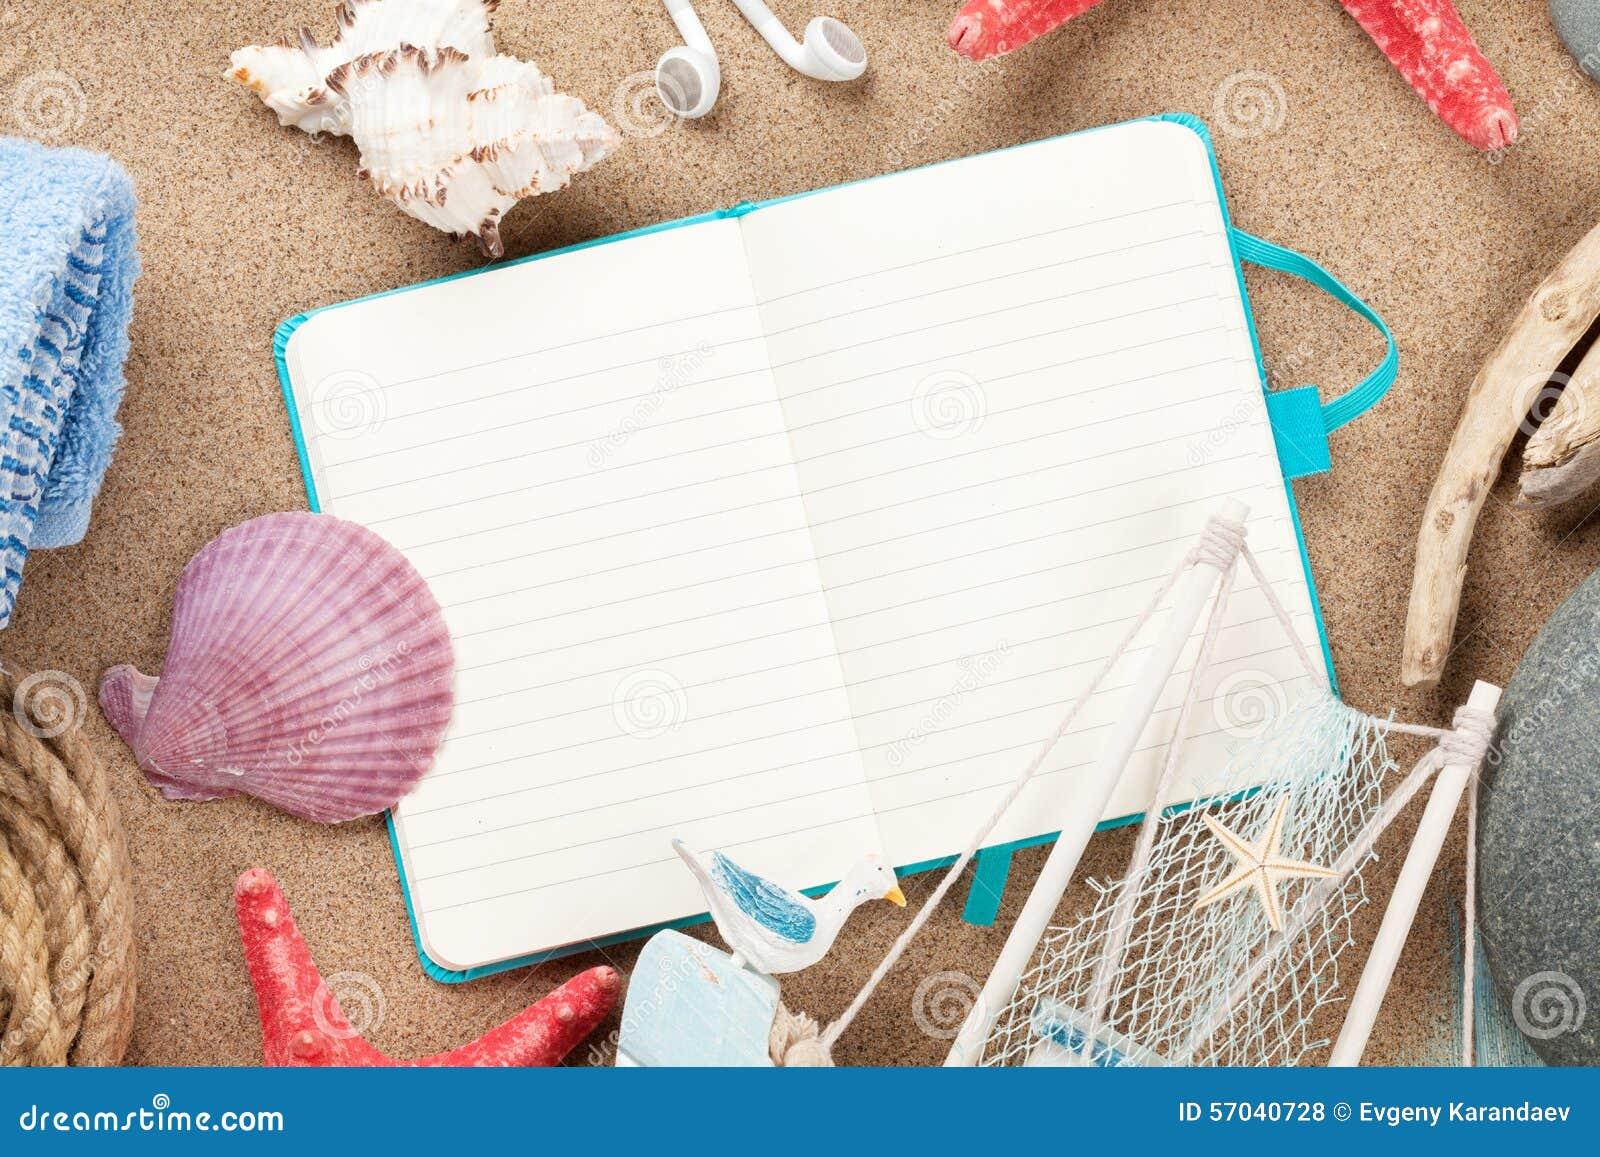 Lopp och semesternotepad med objekt över sand